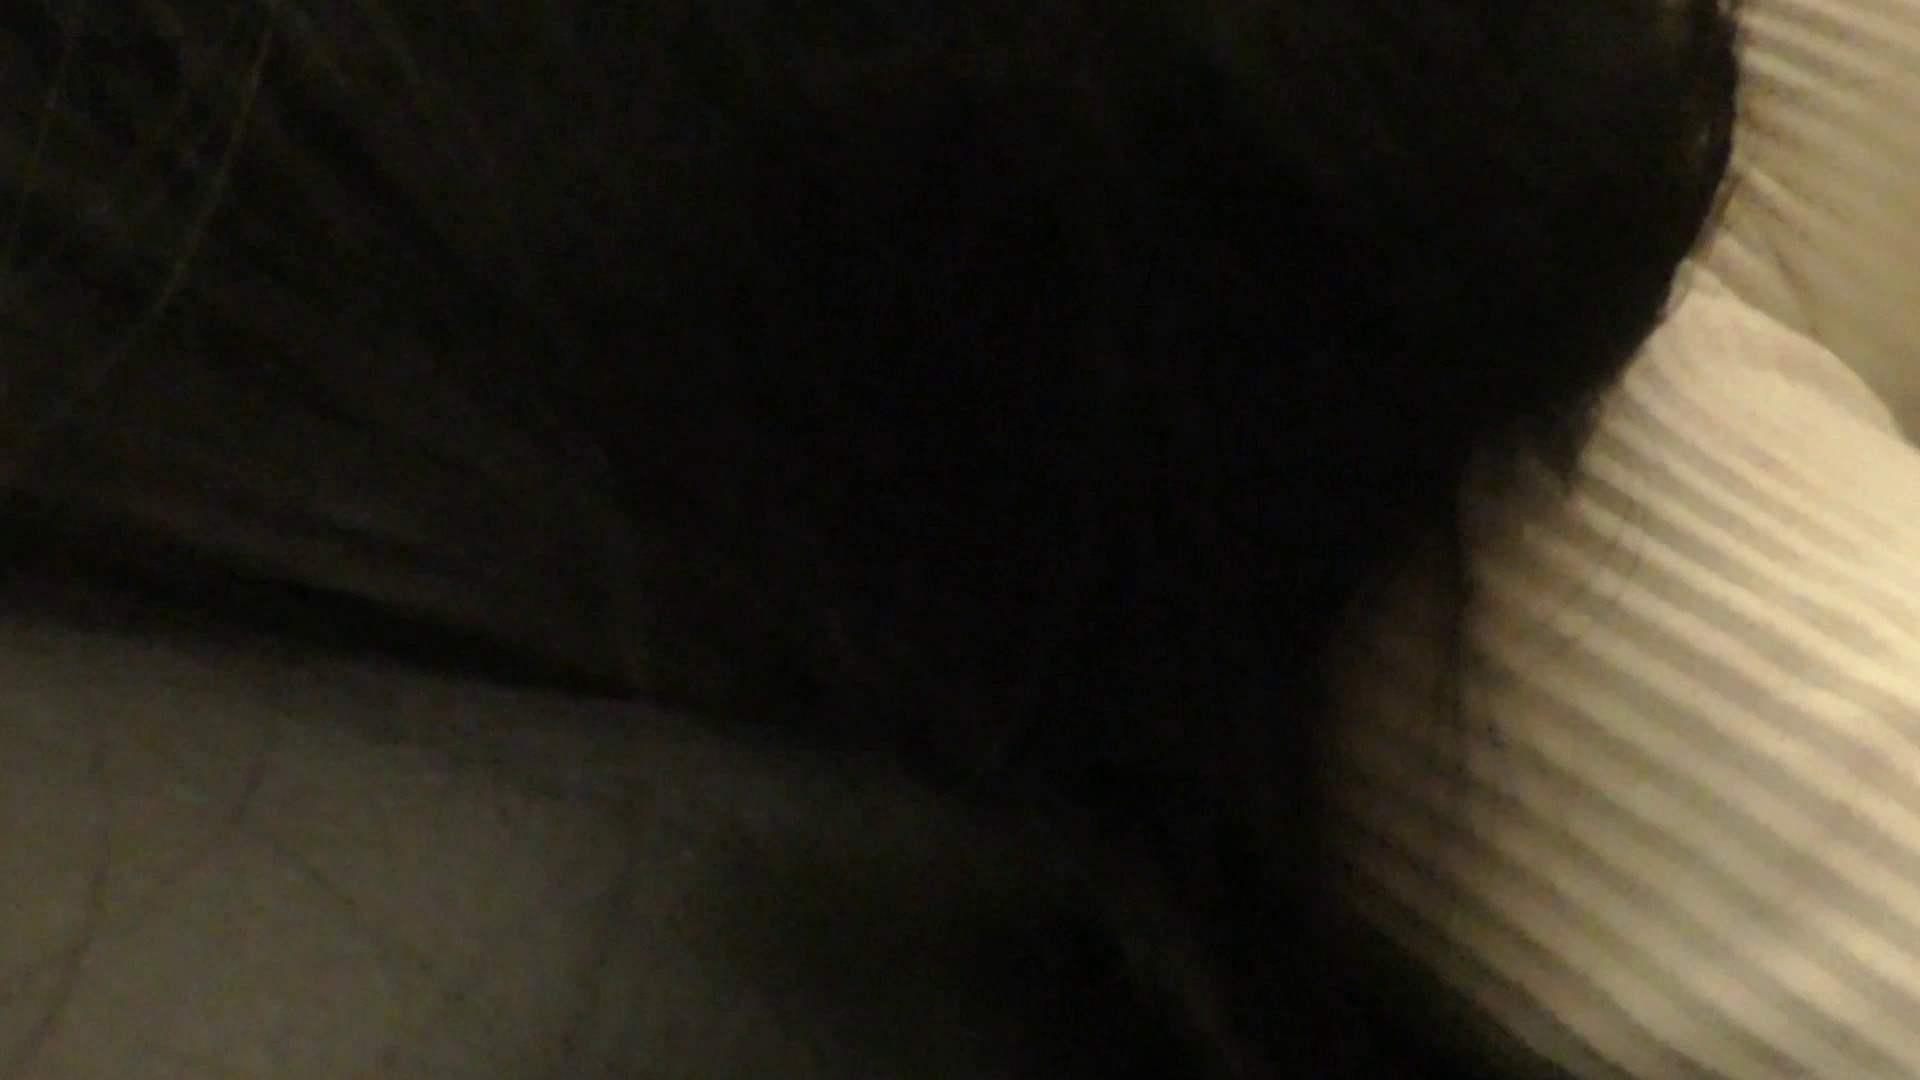 悪戯ネットカフェ Vol15 前篇 おっ!多い日ですねニュッと挿入してます。 エロくん潜入 | エッチすぎるOL達  64連発 6